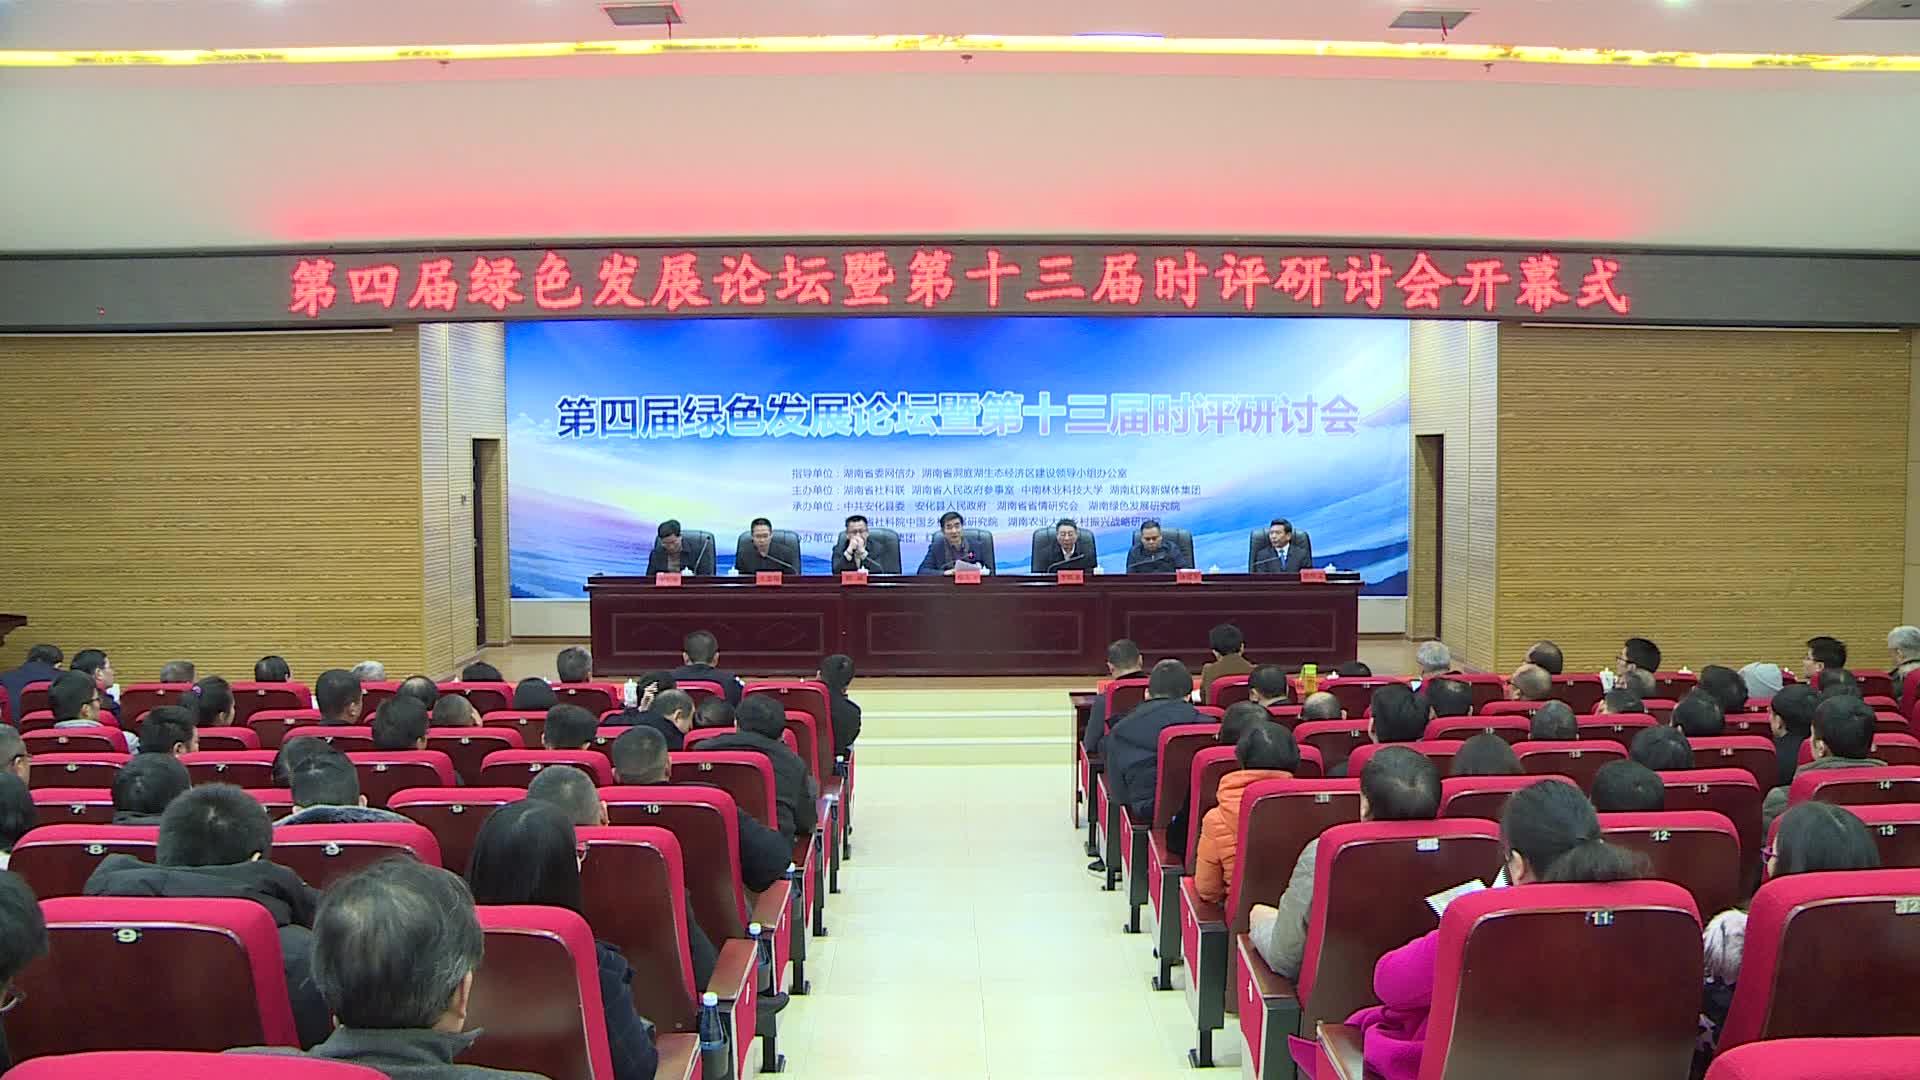 第四届绿色发展论坛暨第十三届时评研讨会在益阳召开